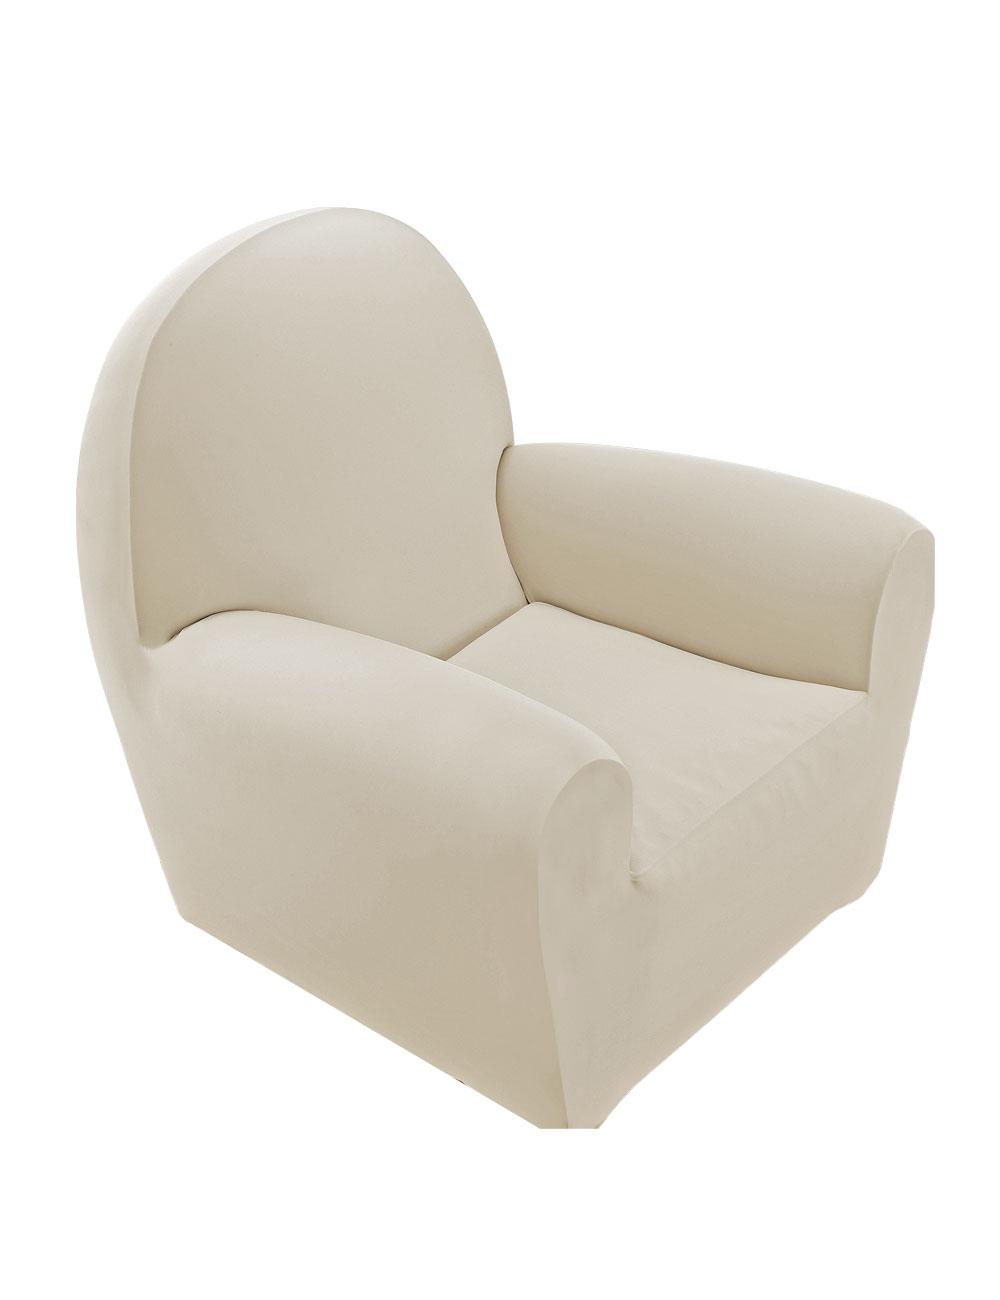 bi elastischer berzug f r 3 sitzer 185 210 cm beige. Black Bedroom Furniture Sets. Home Design Ideas